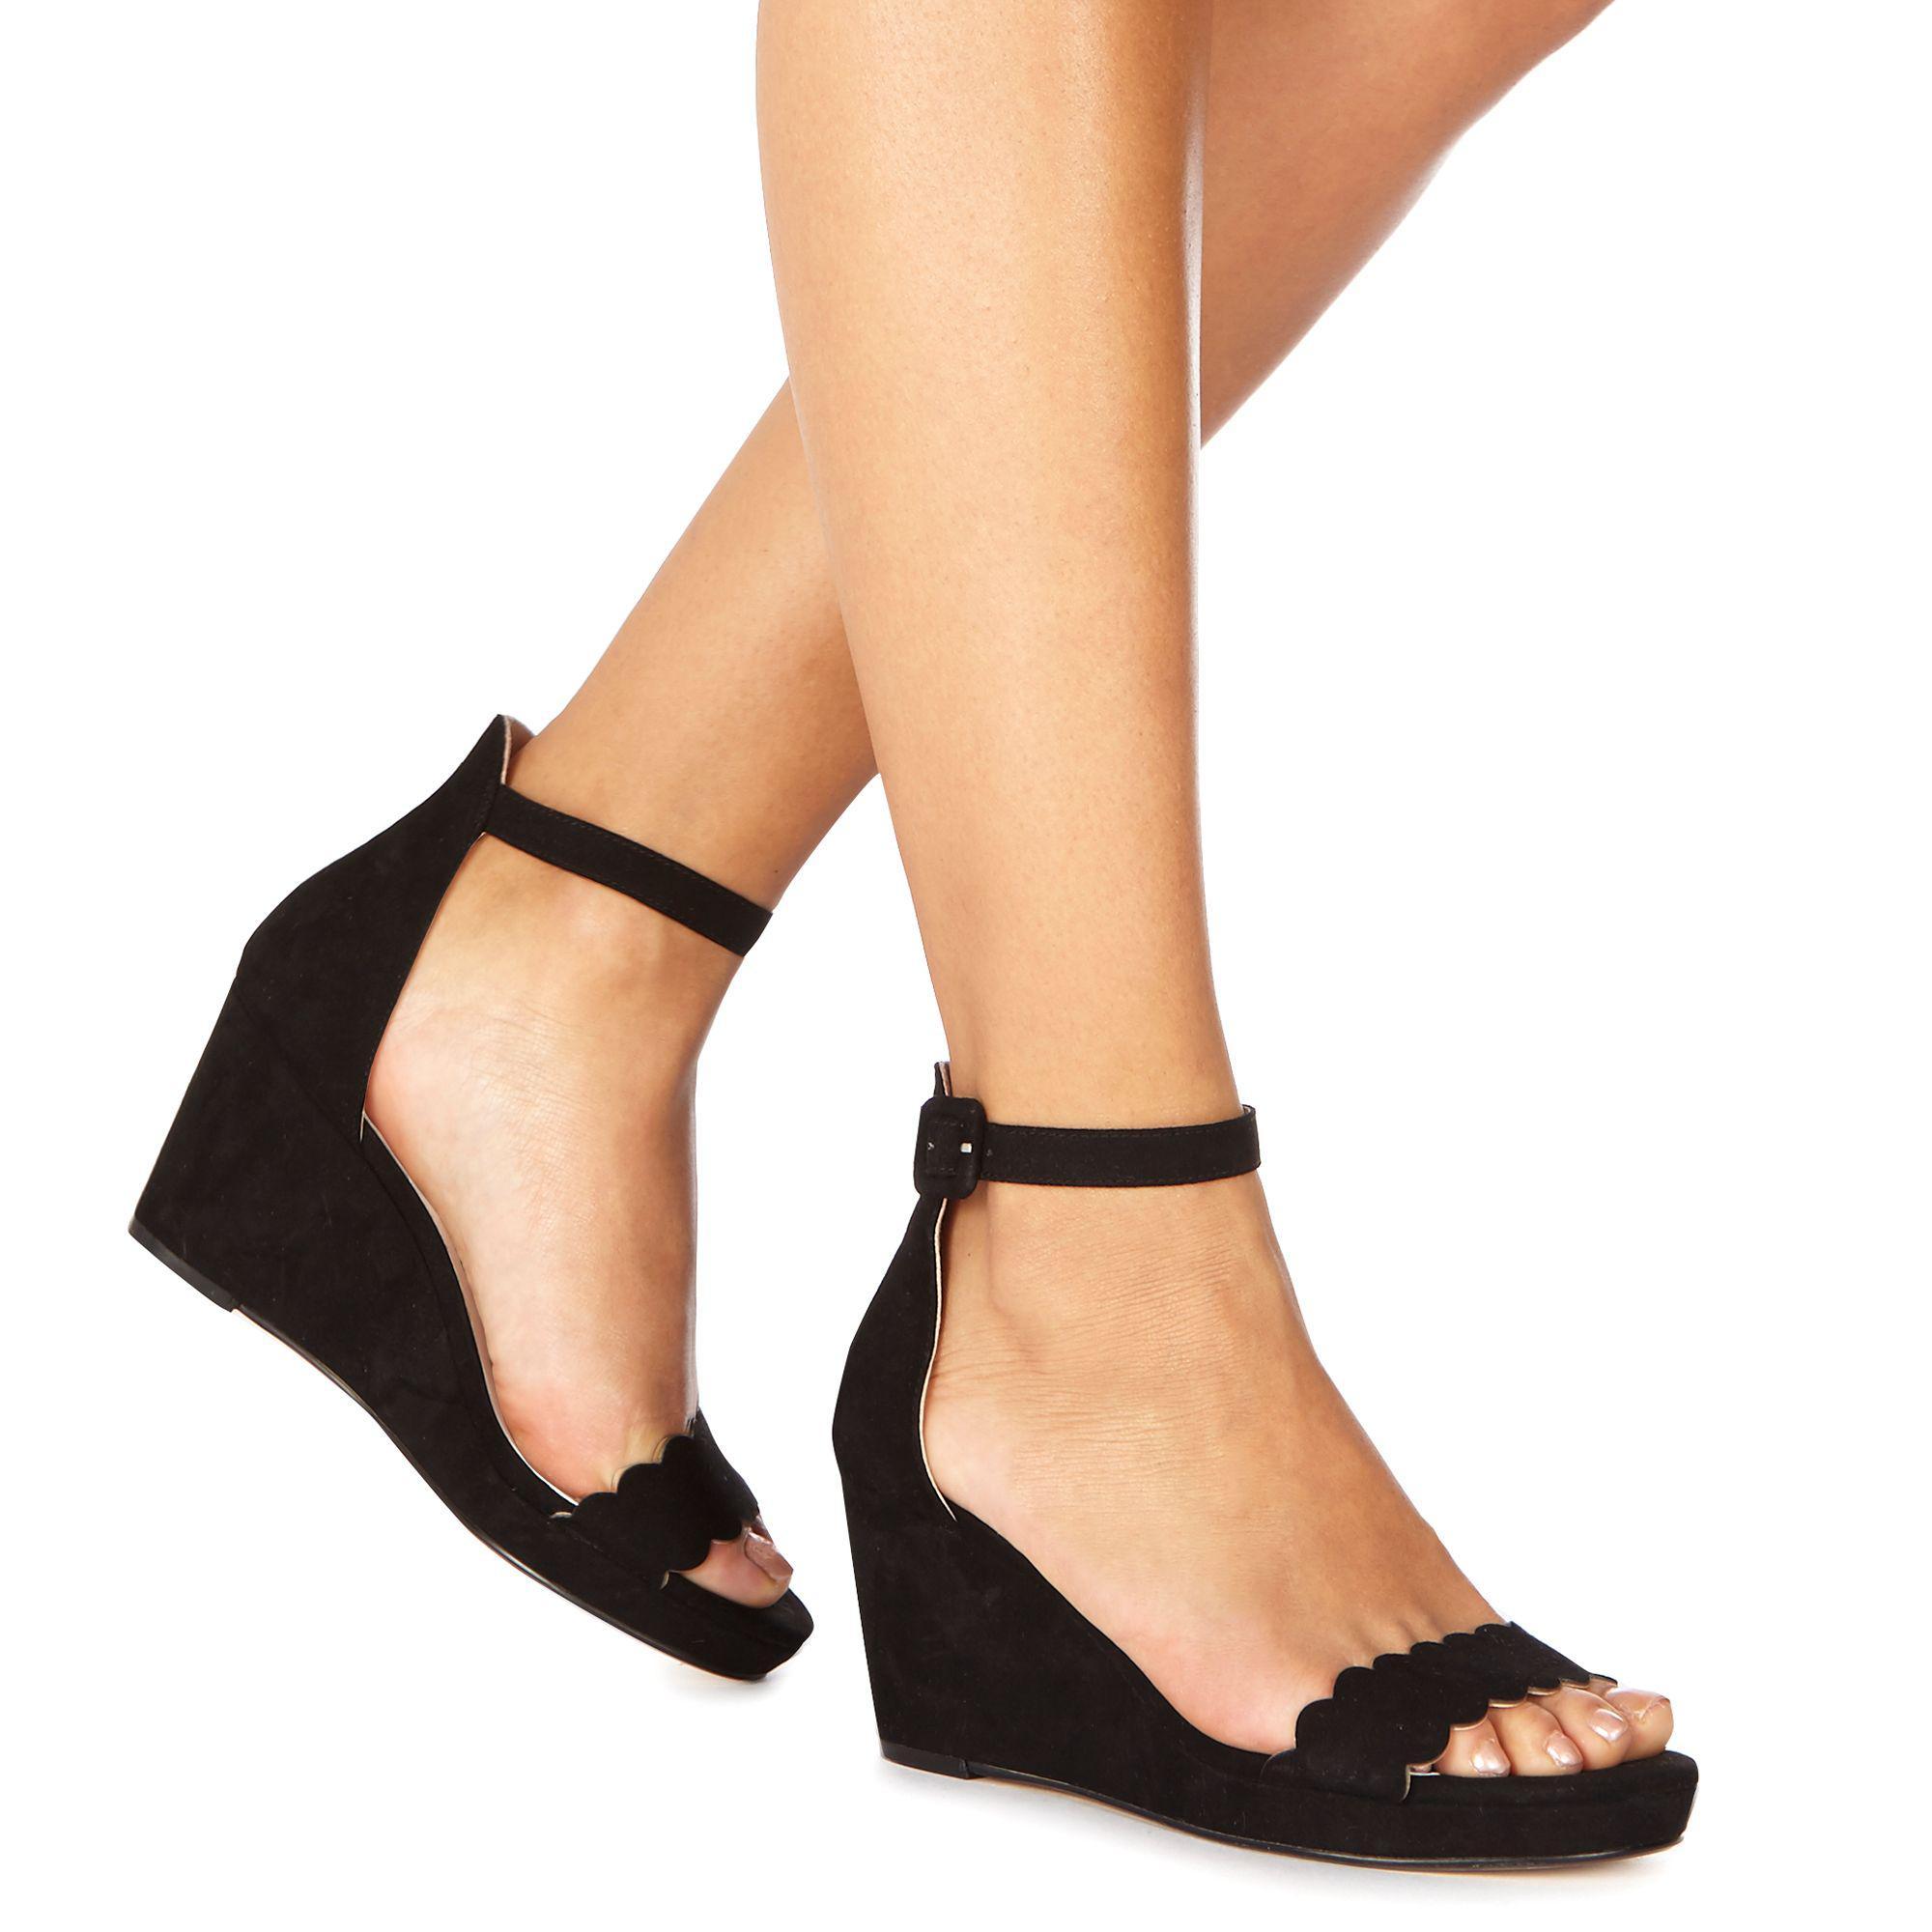 9a47c6506d0f Faith. Women s Black Suedette  dust  Mid Wedge Heel Ankle Strap Sandals